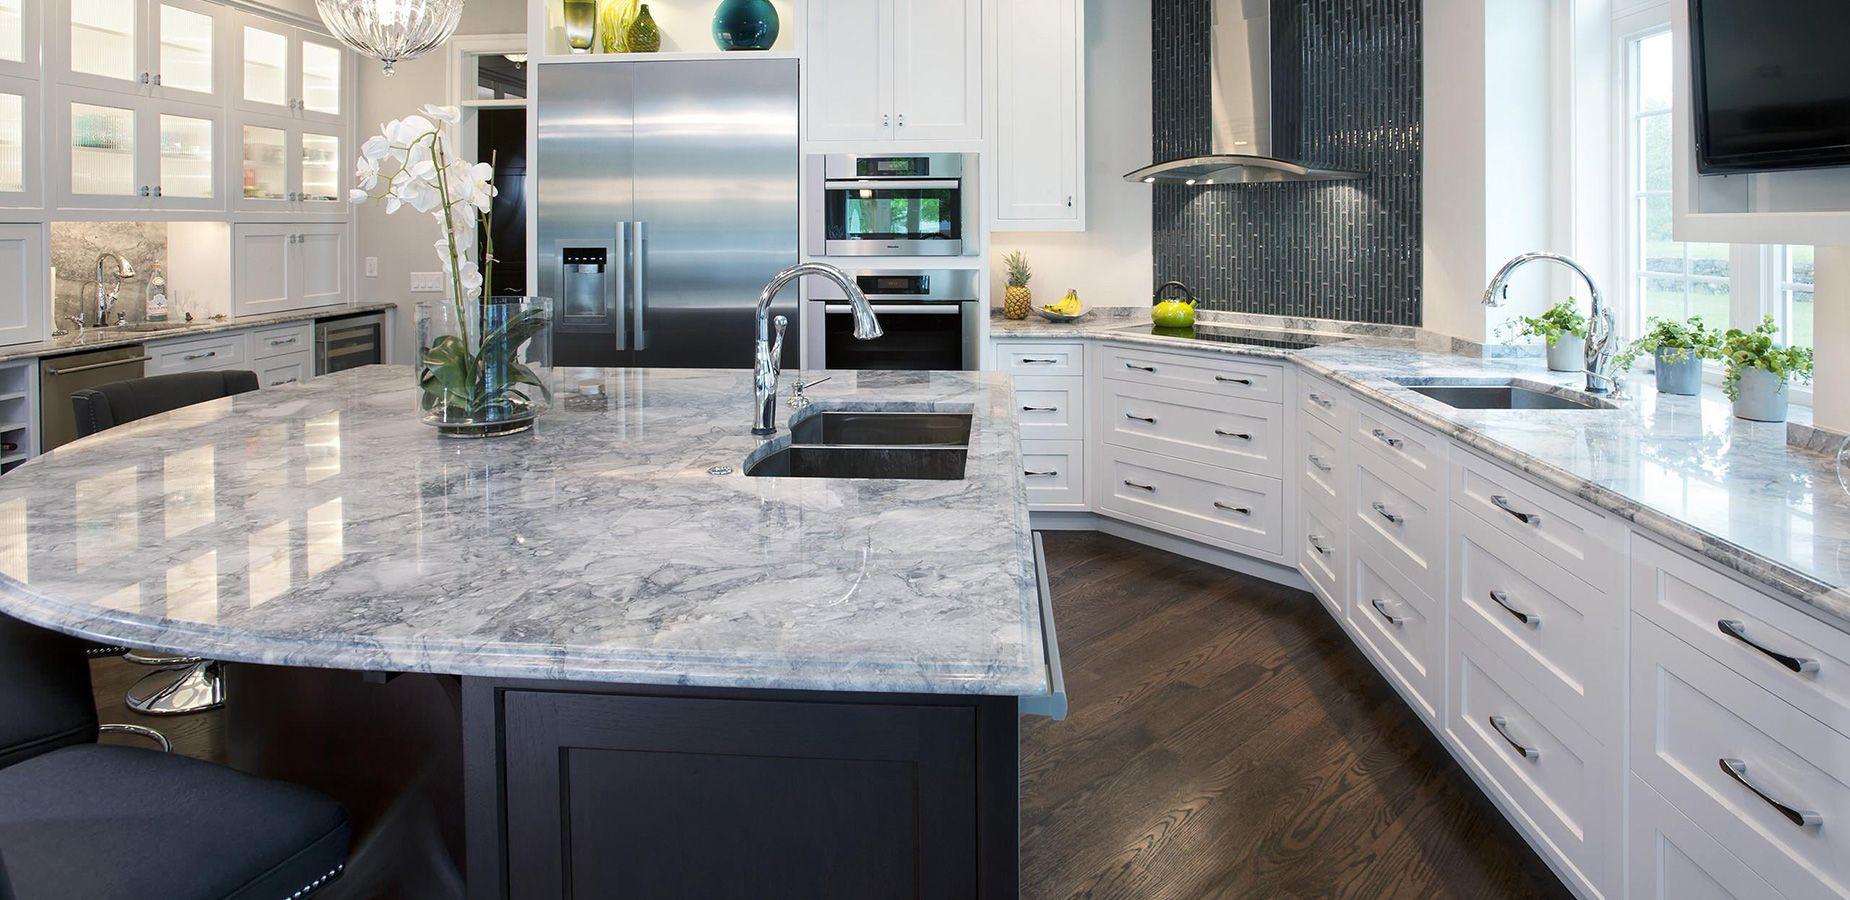 Badezimmer ideen gelb und grau weißen granit küchenarbeitsplatten  gelb rot blau weiß grün und